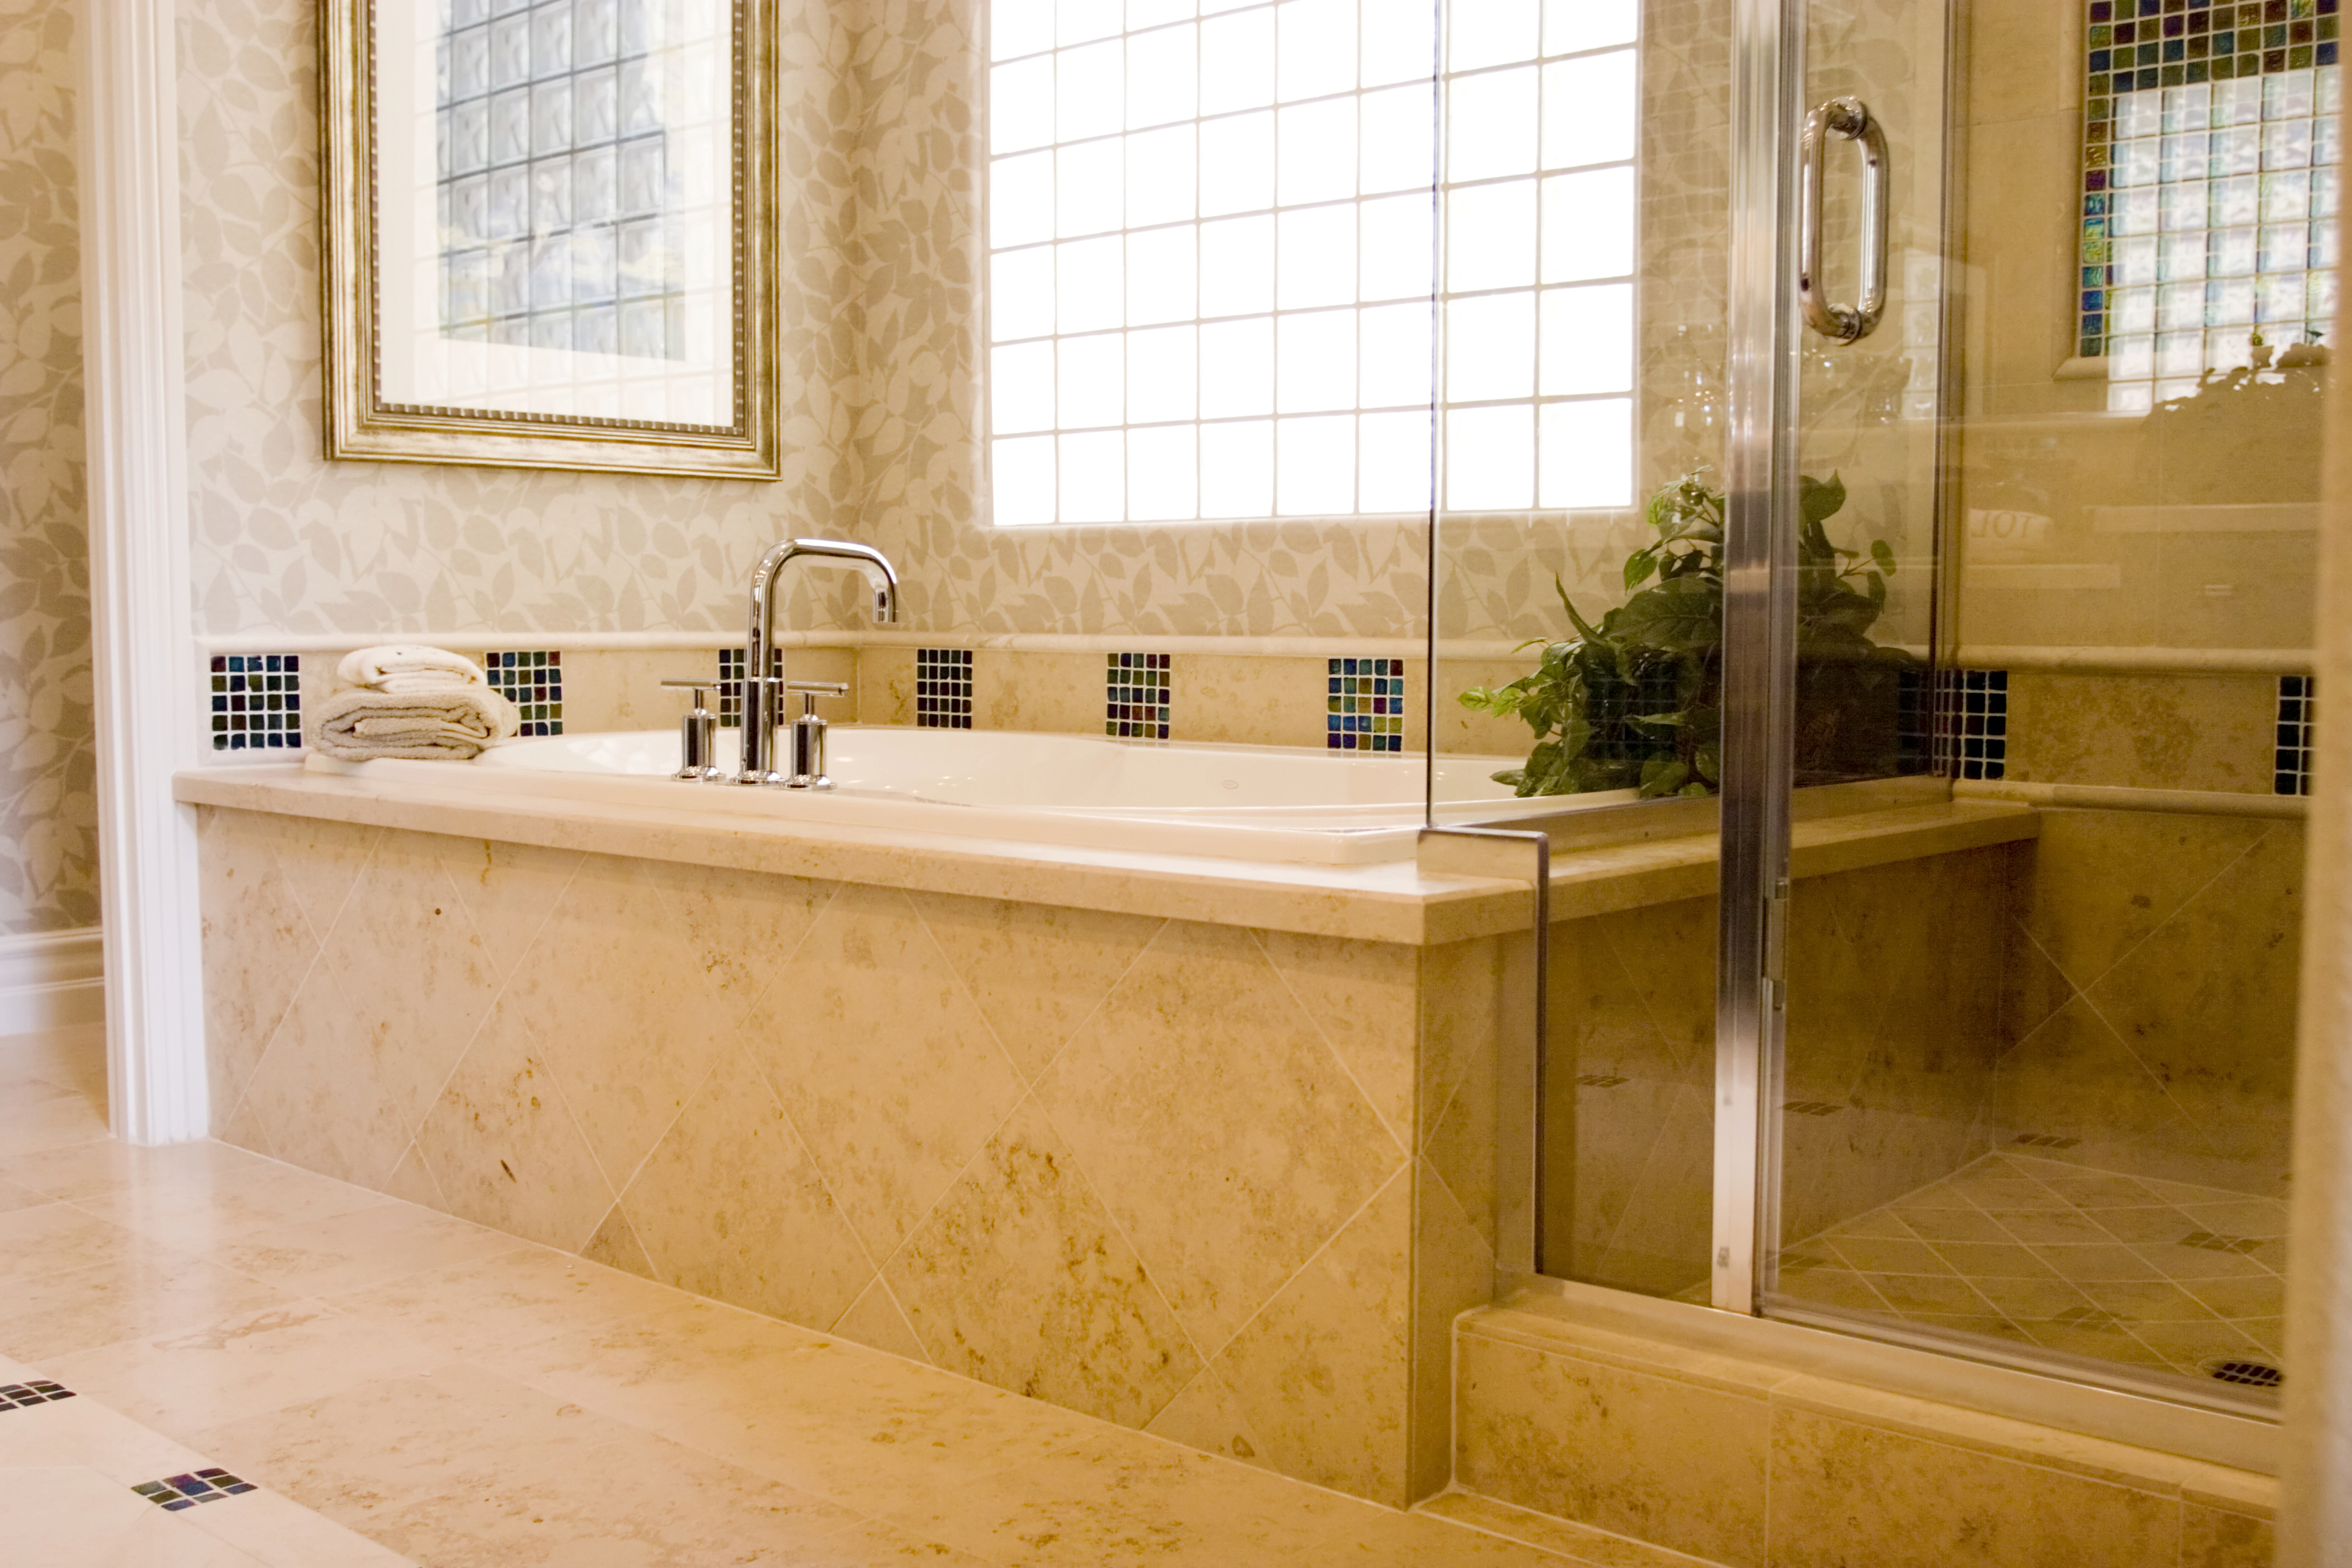 Savannah Georgia Bath Remodelers American Craftsman Renovations Call Us At 912-481-8353